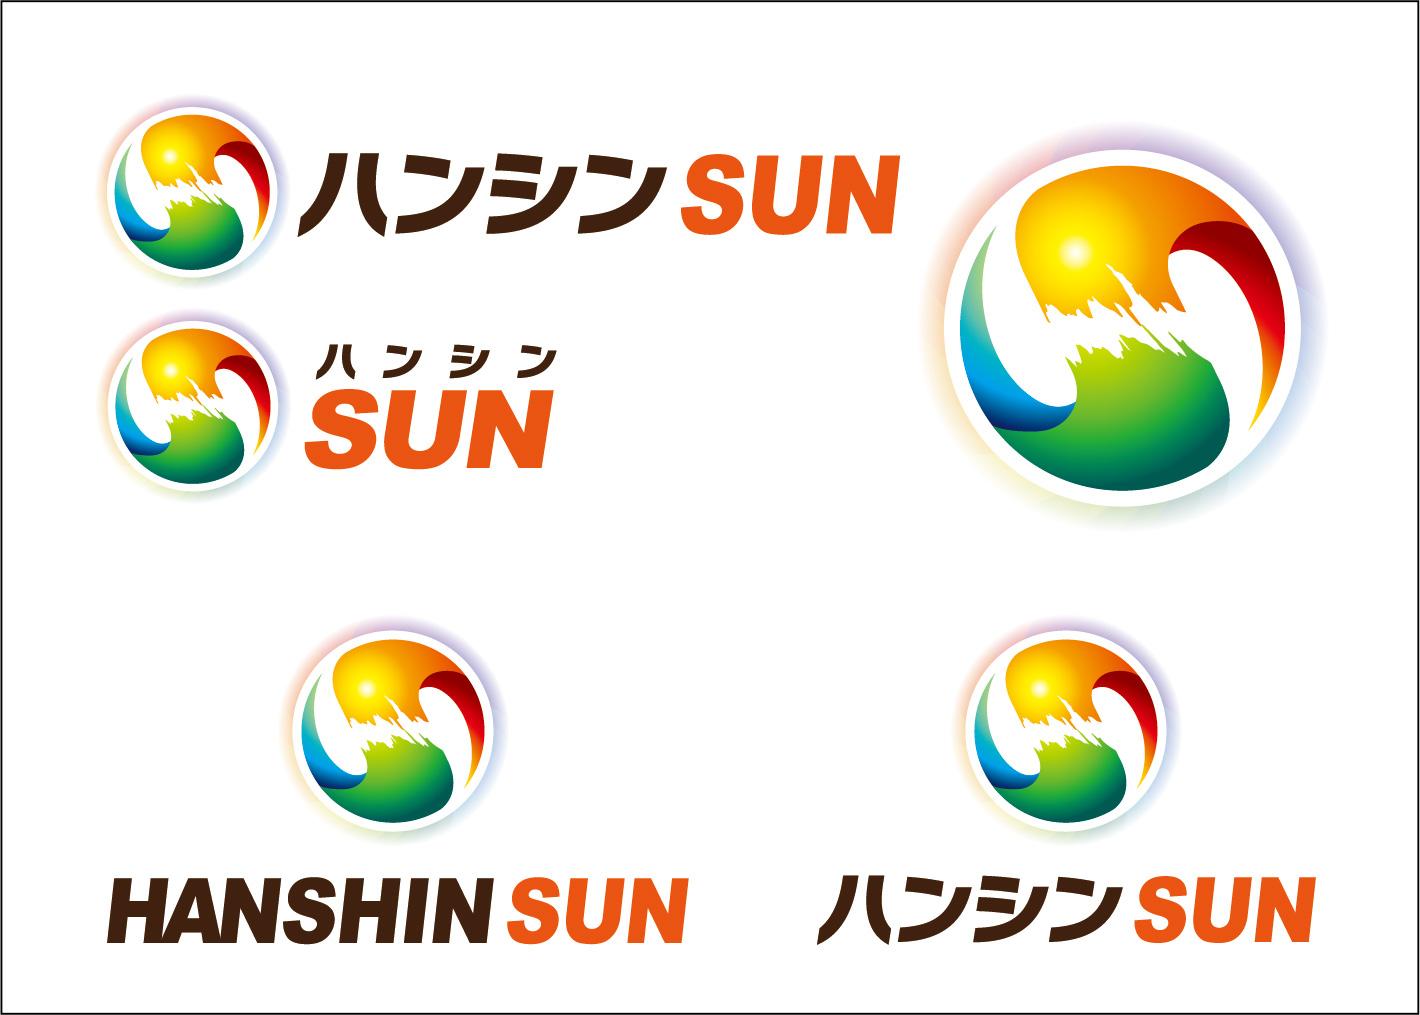 hanshinsun_logo02